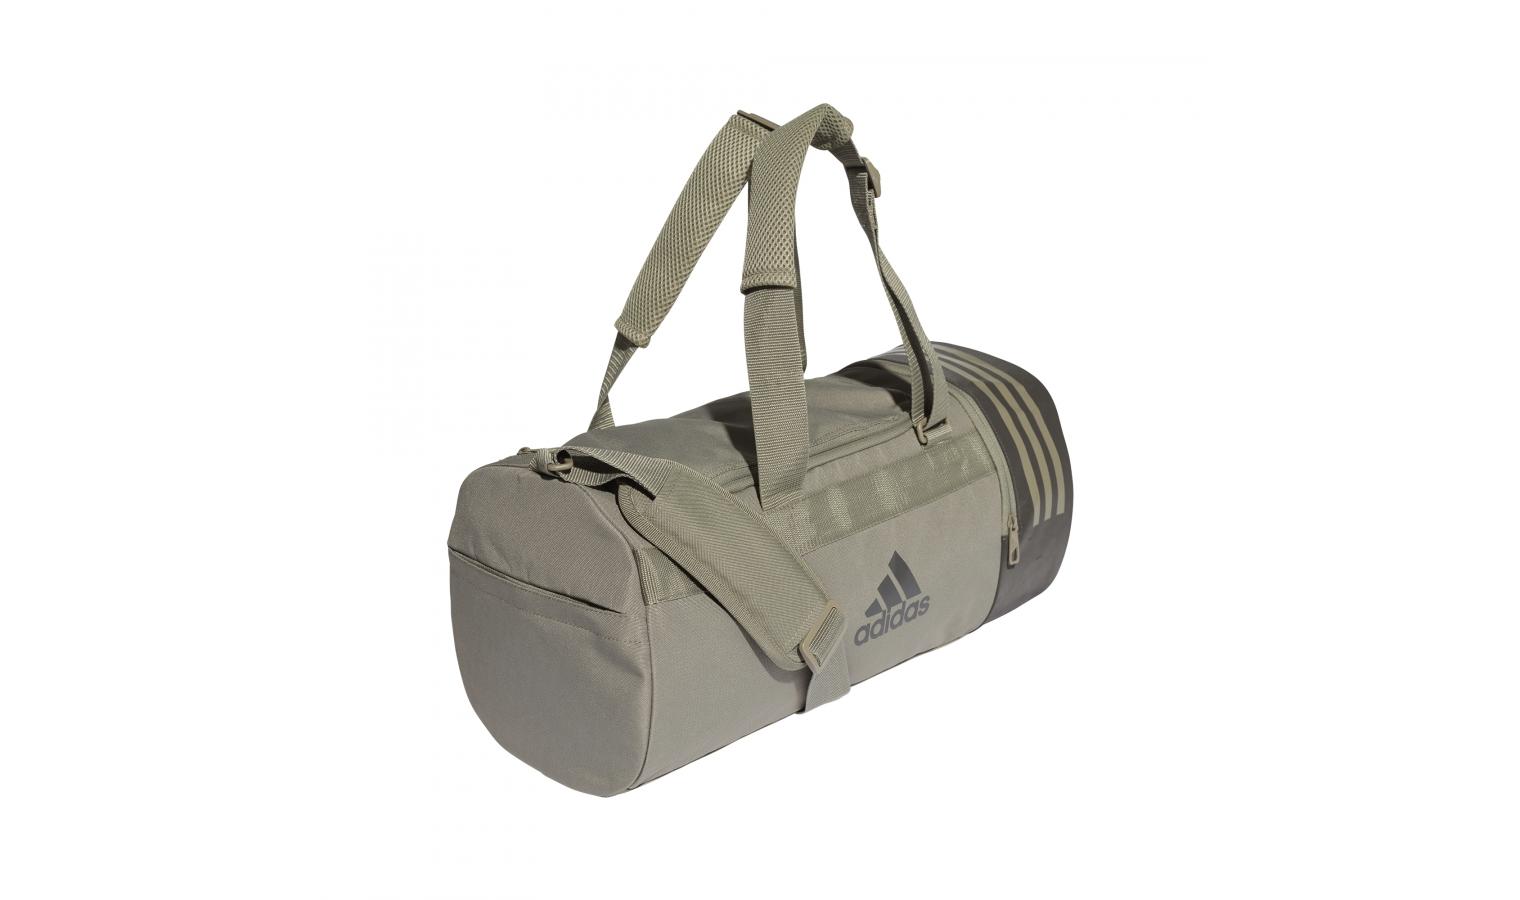 da0a7698de967 Športová taška adidas štvrti 3S Duf S zelená | AD Sport.sk